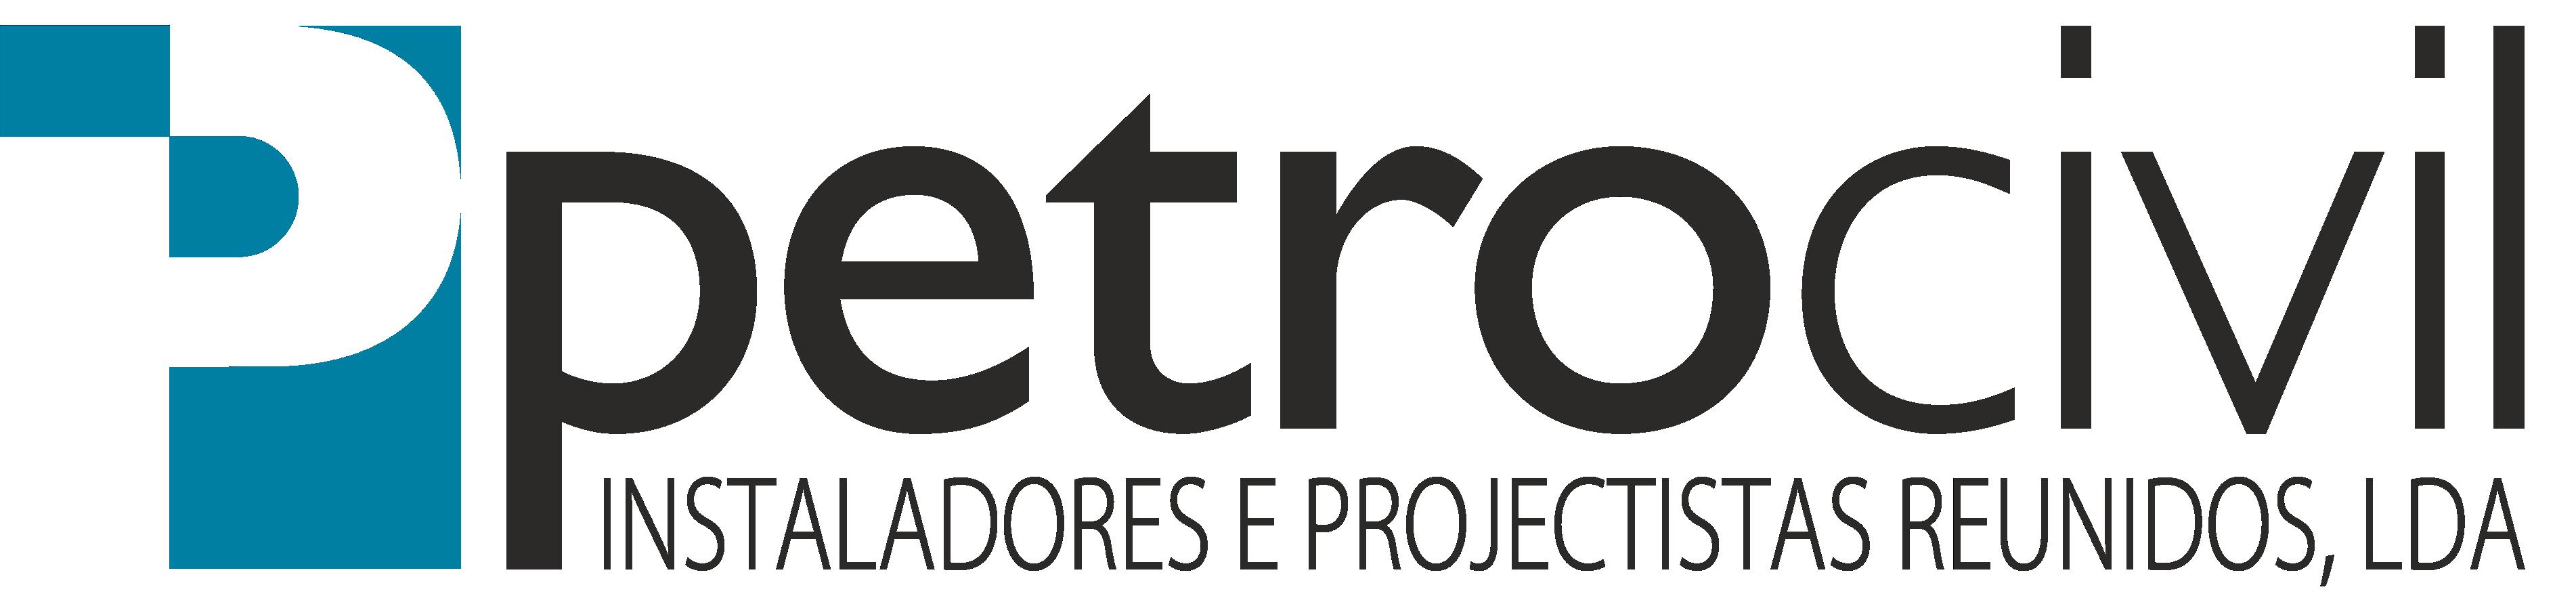 Petrocivil